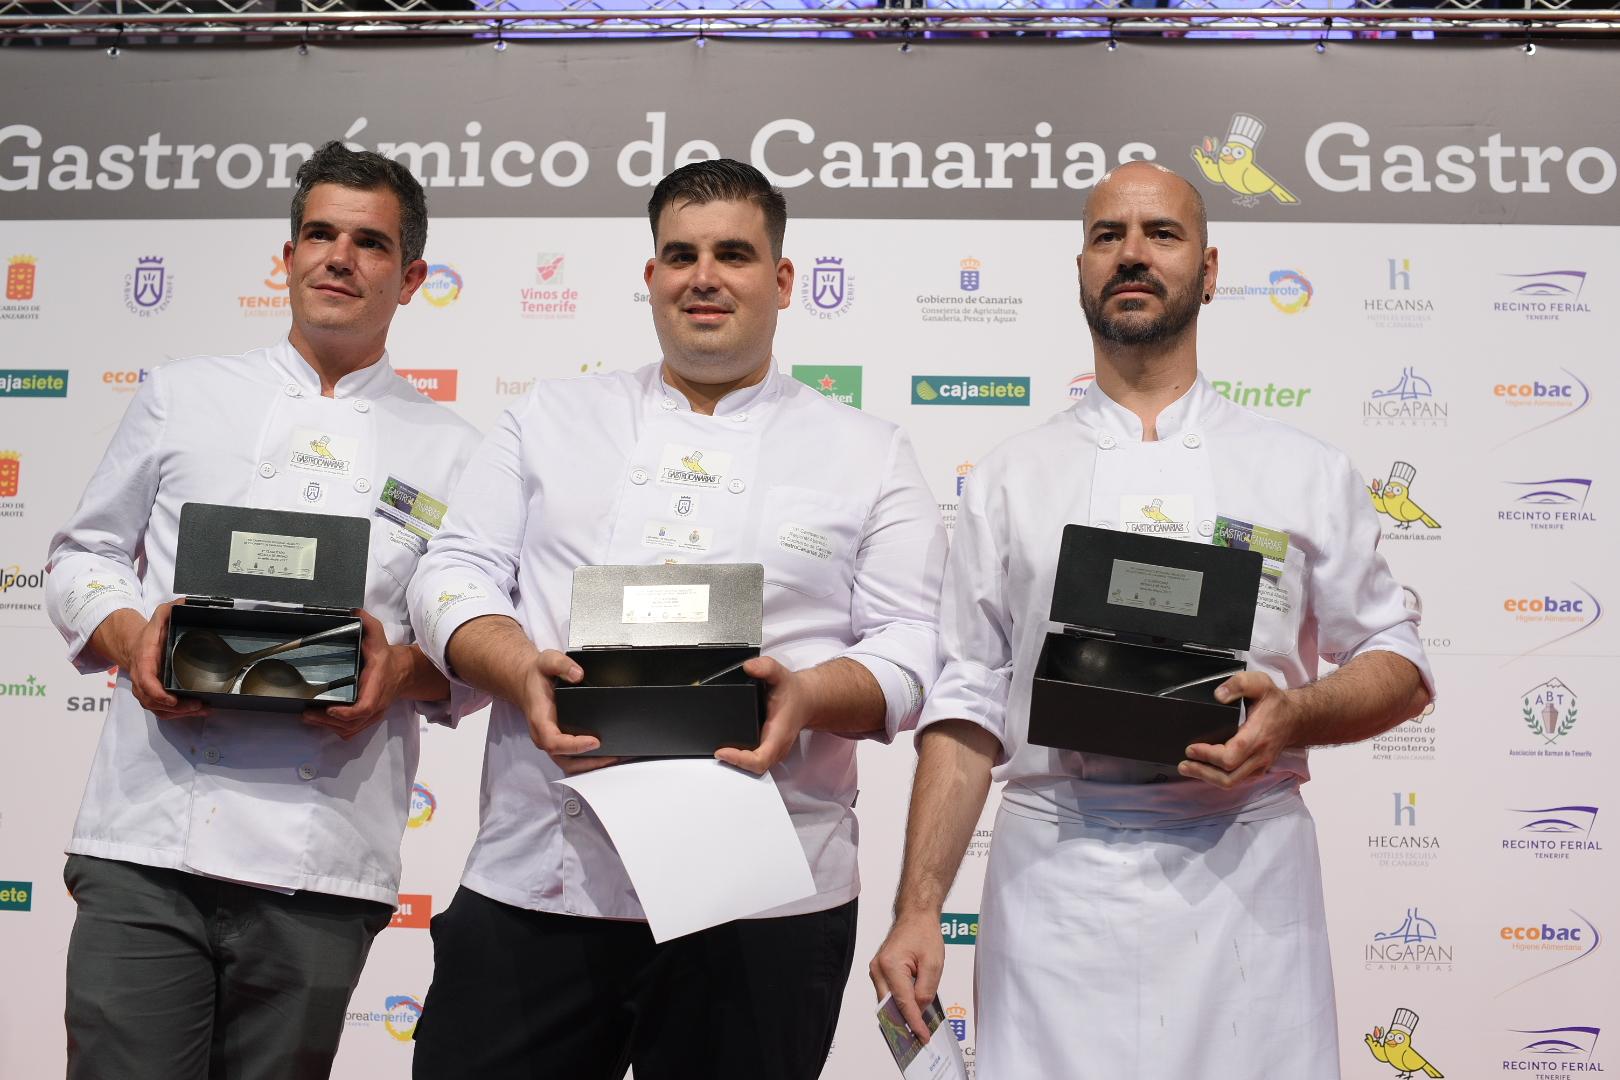 Los tres ganadores